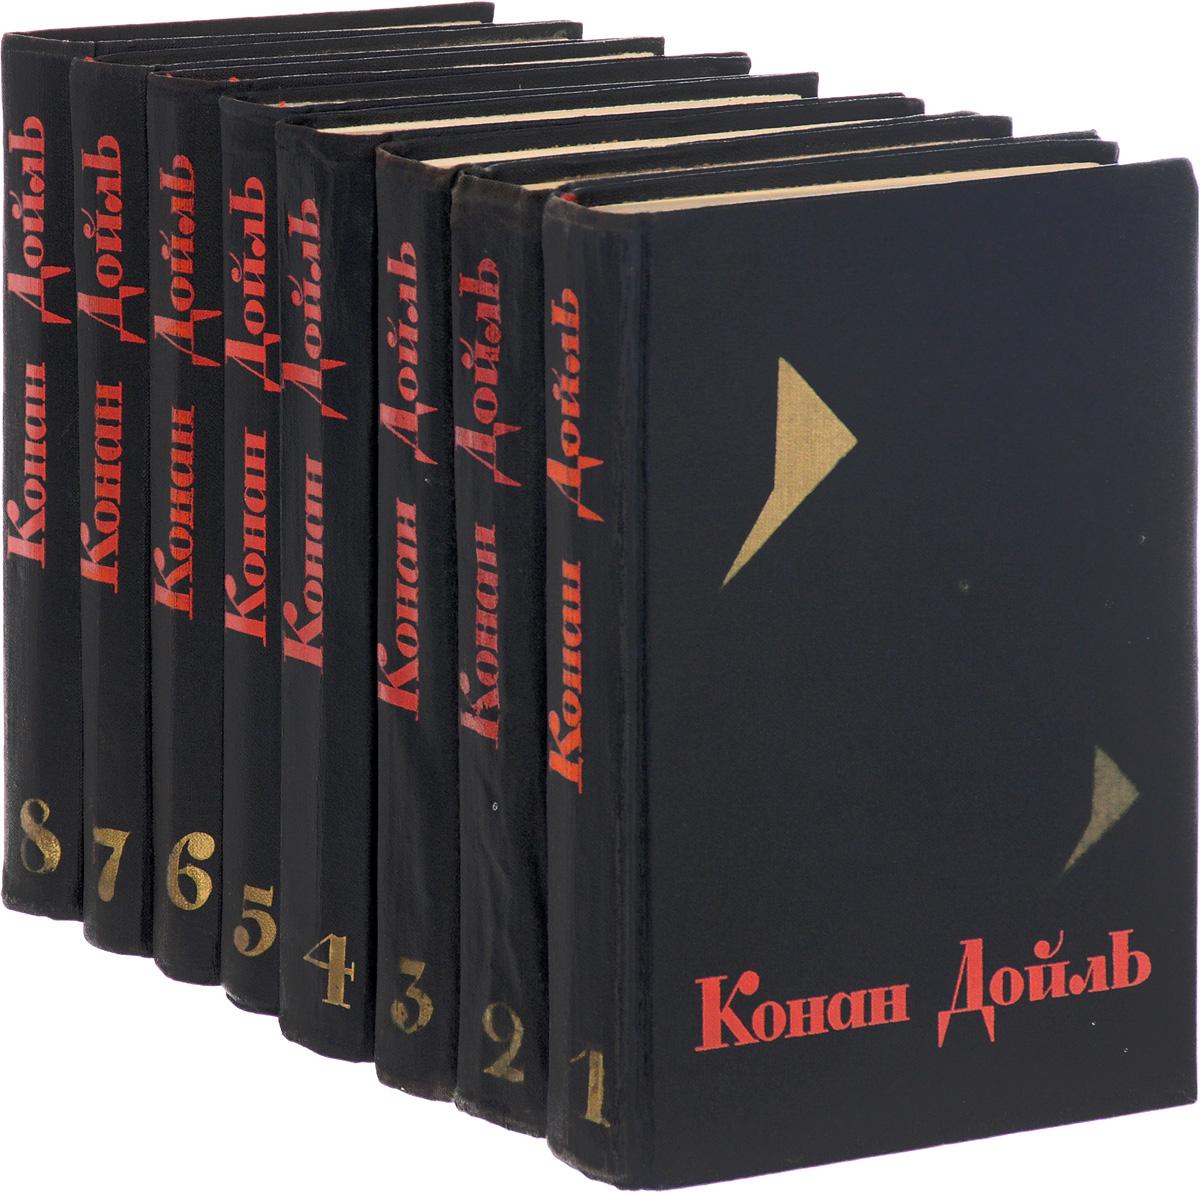 цены Артур Конан Дойль Артур Конан Дойль. Собрание сочинений в 8 томах (комплект из 8 книг)